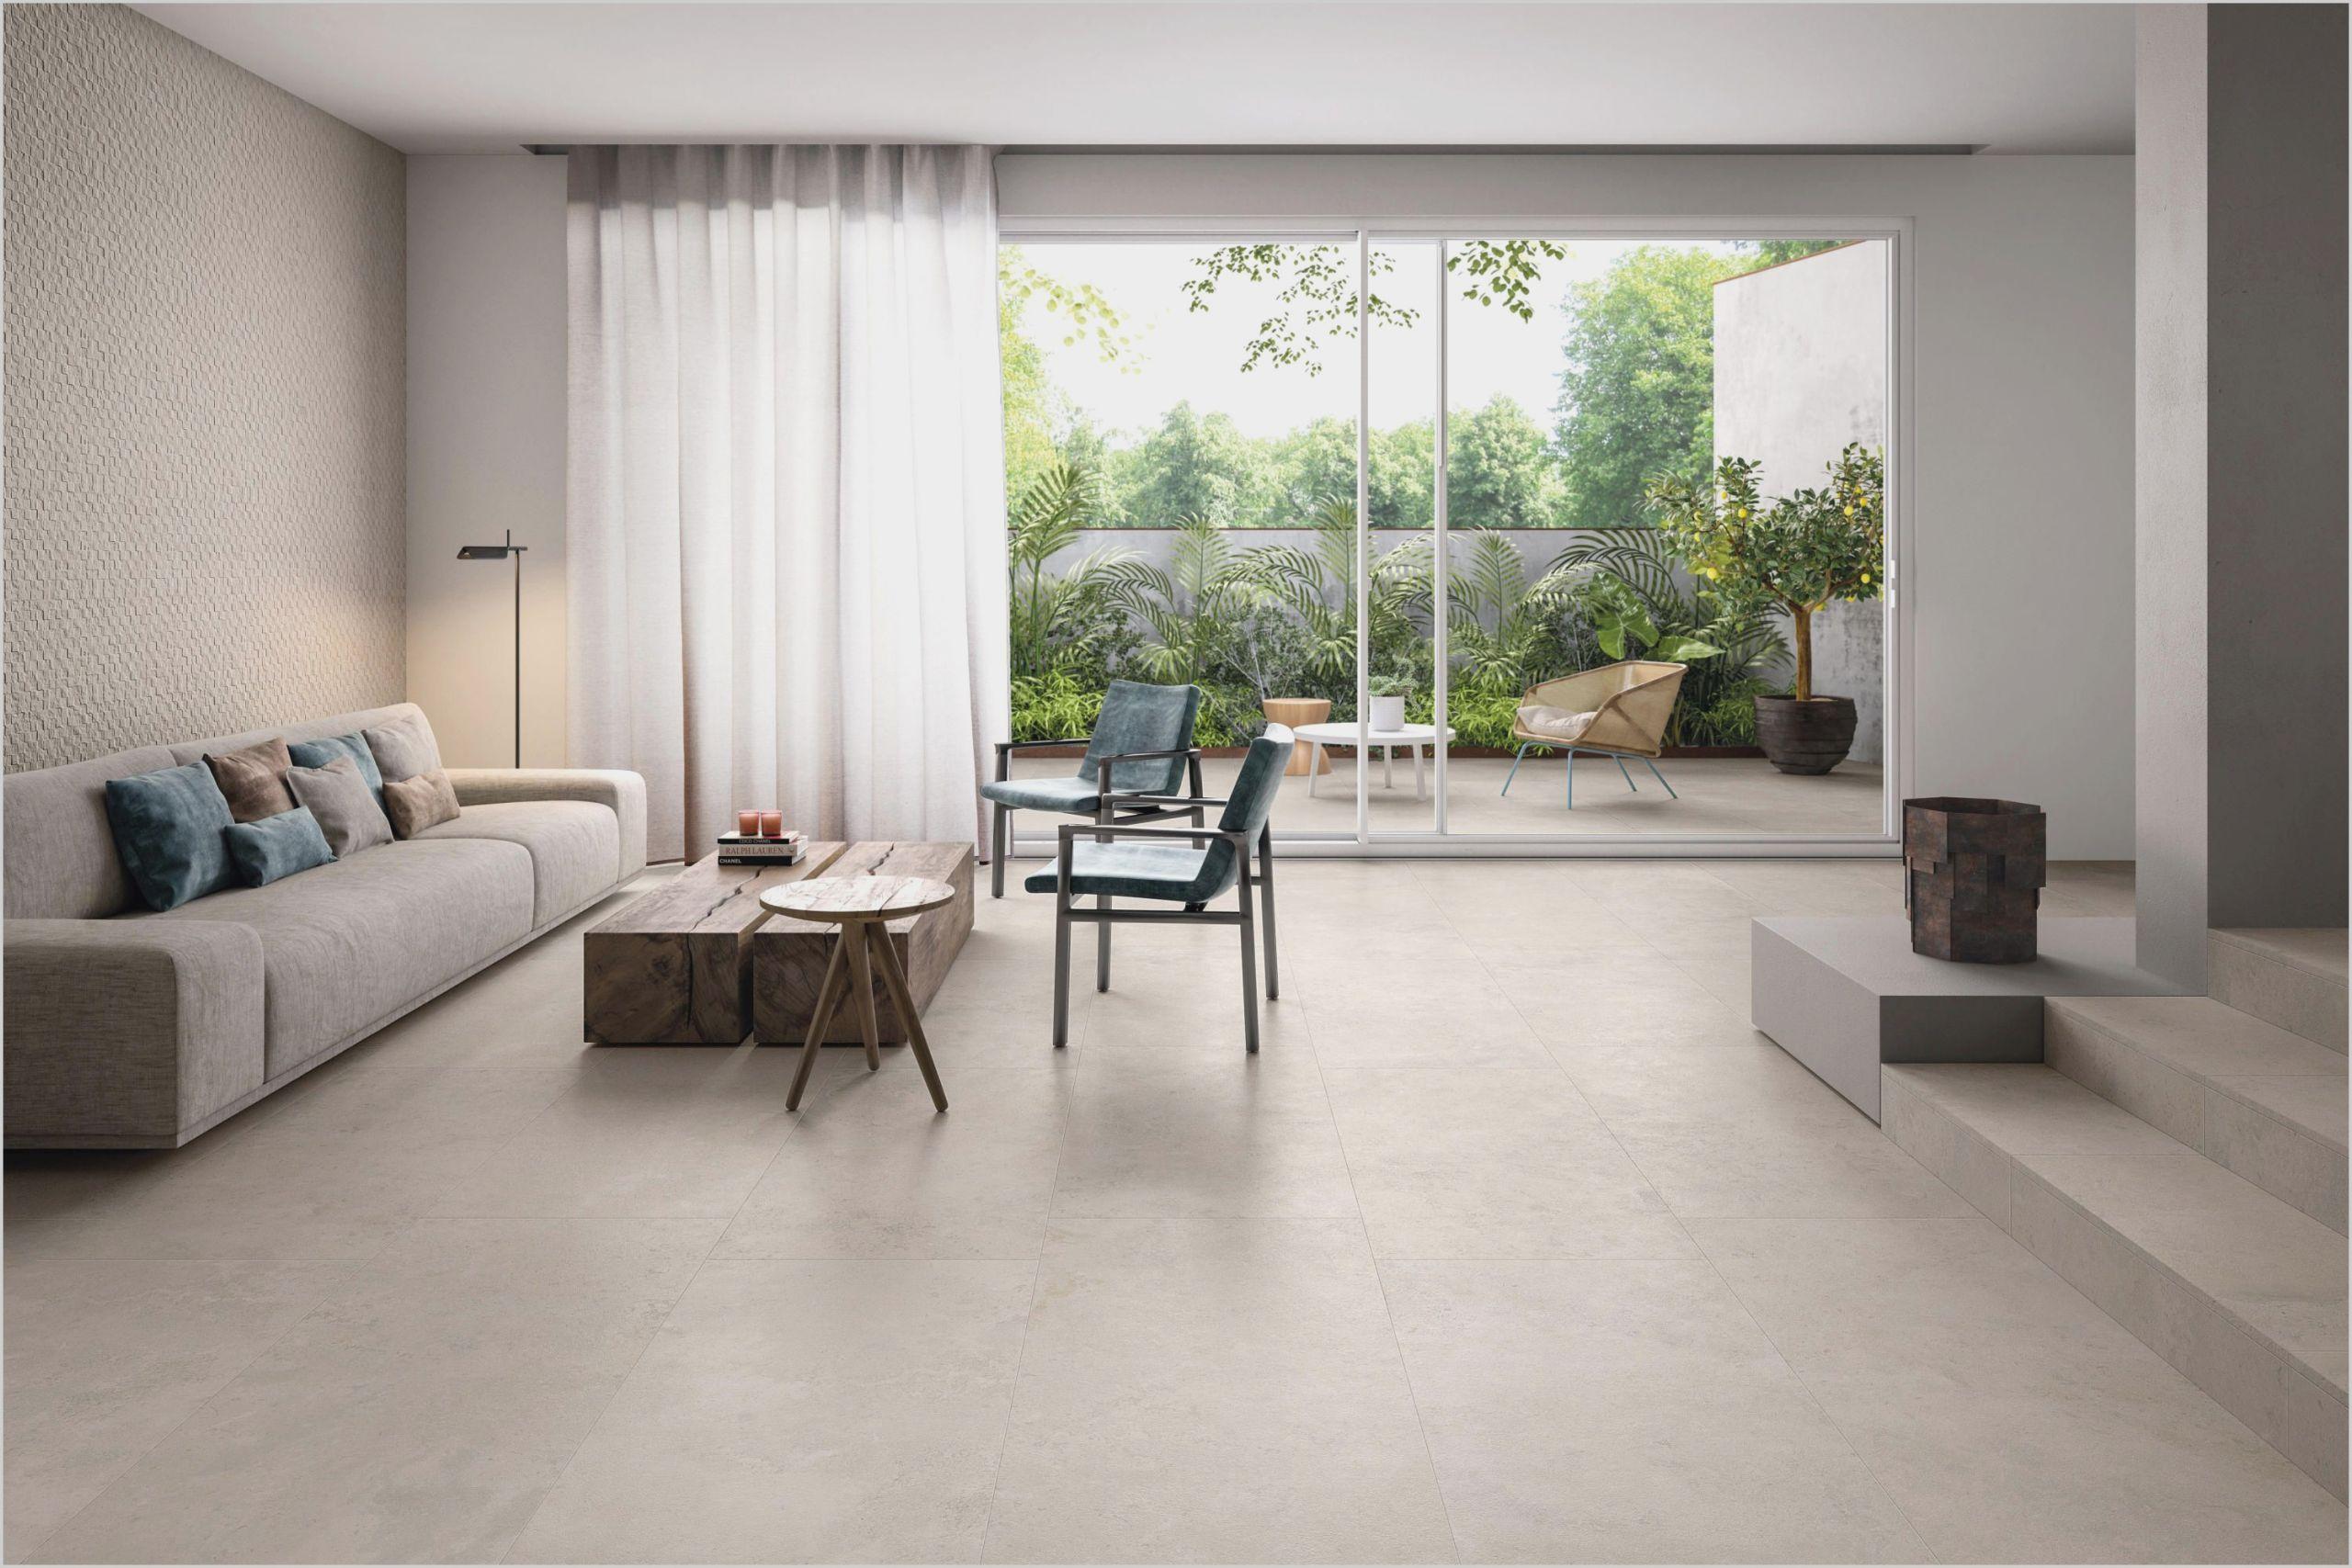 Living Room Tile Designs Sri Lanka In 2020 Living Room Tiles Living Room Tiles Design Tile Floor Living Room